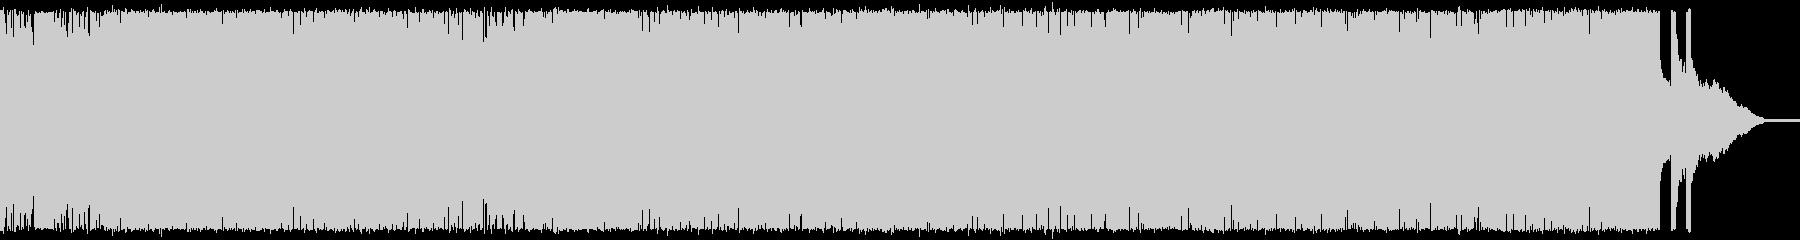 戦闘シーン向けメタル速弾きギターインストの未再生の波形